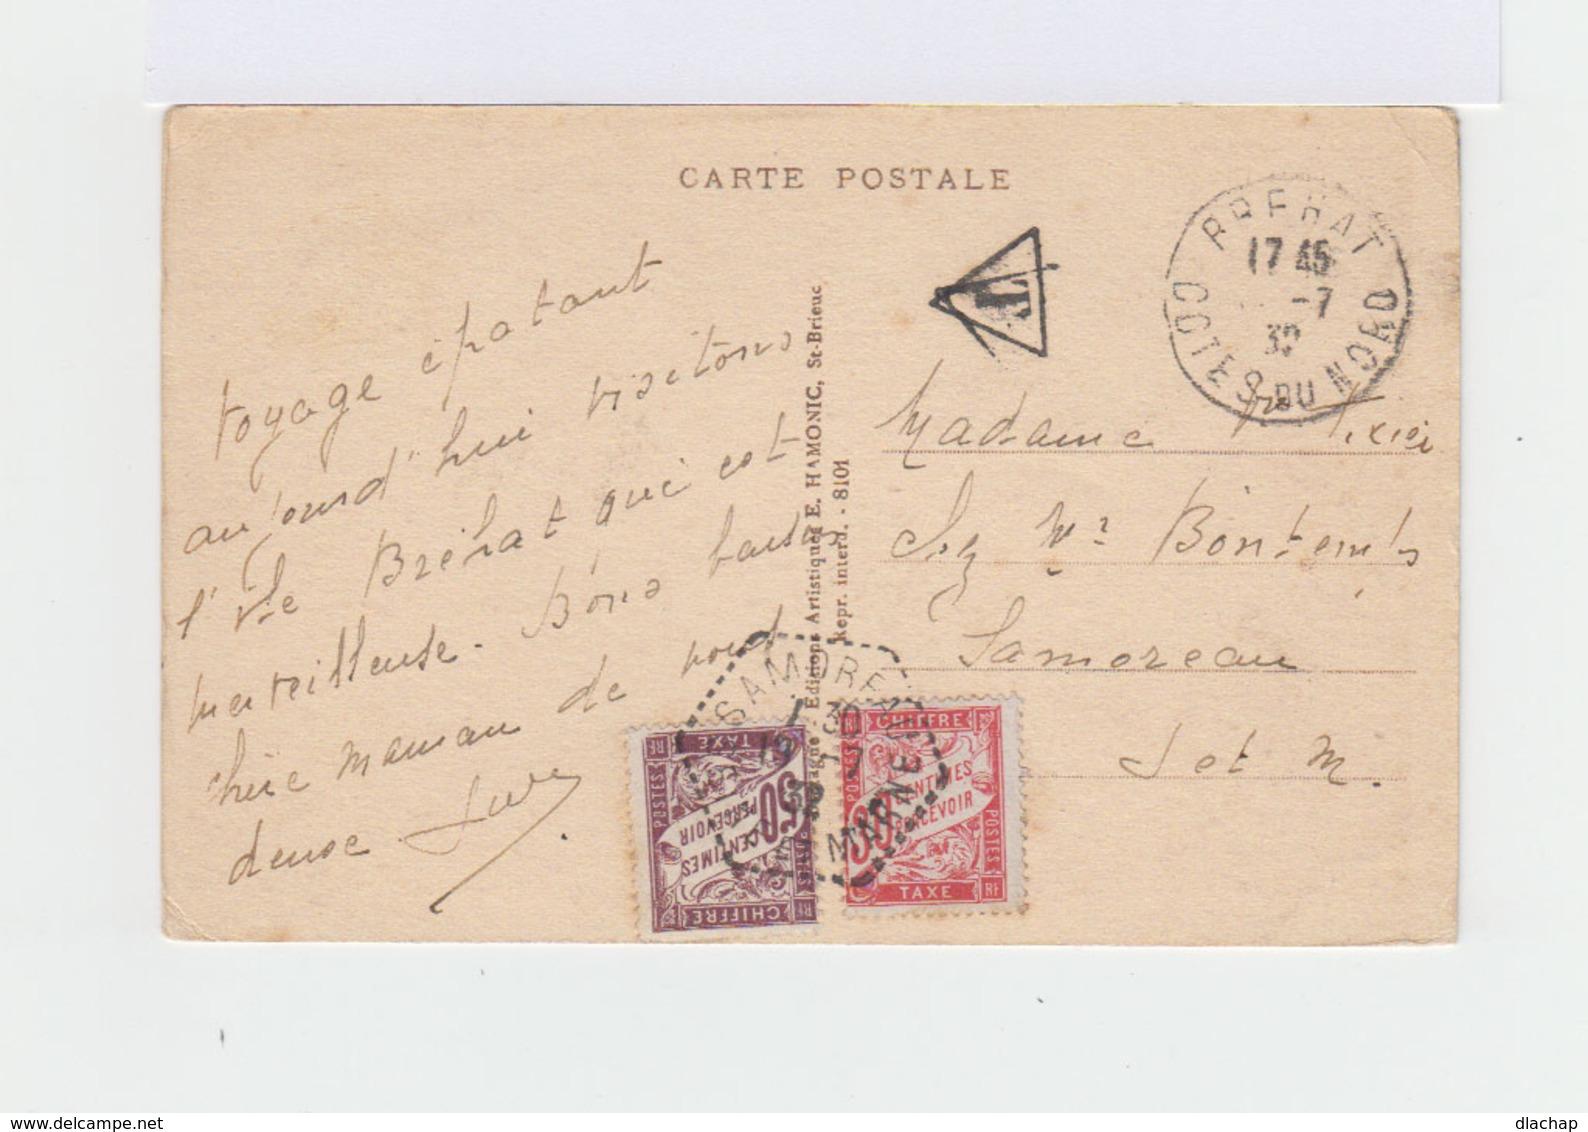 Sur Carte Postale Ile De Bréhat Deux Timbres Taxe. CAD Hexagonal 1932 Samoreau. Cachet T Dans Triangle. (778) - Taxes